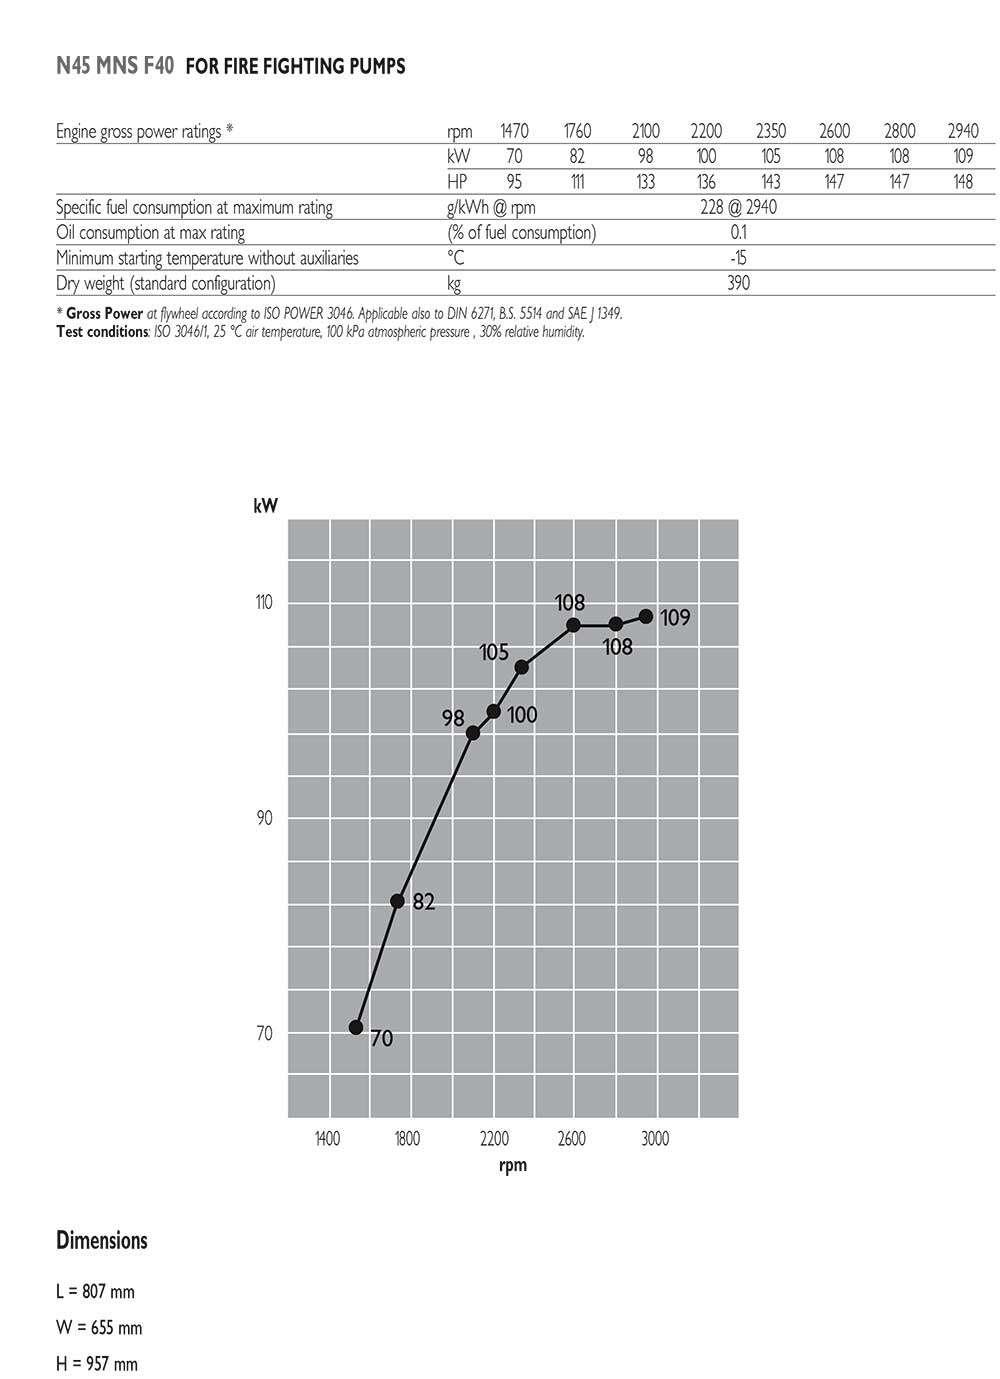 Thông số động cơ Iveco N45MNSF40